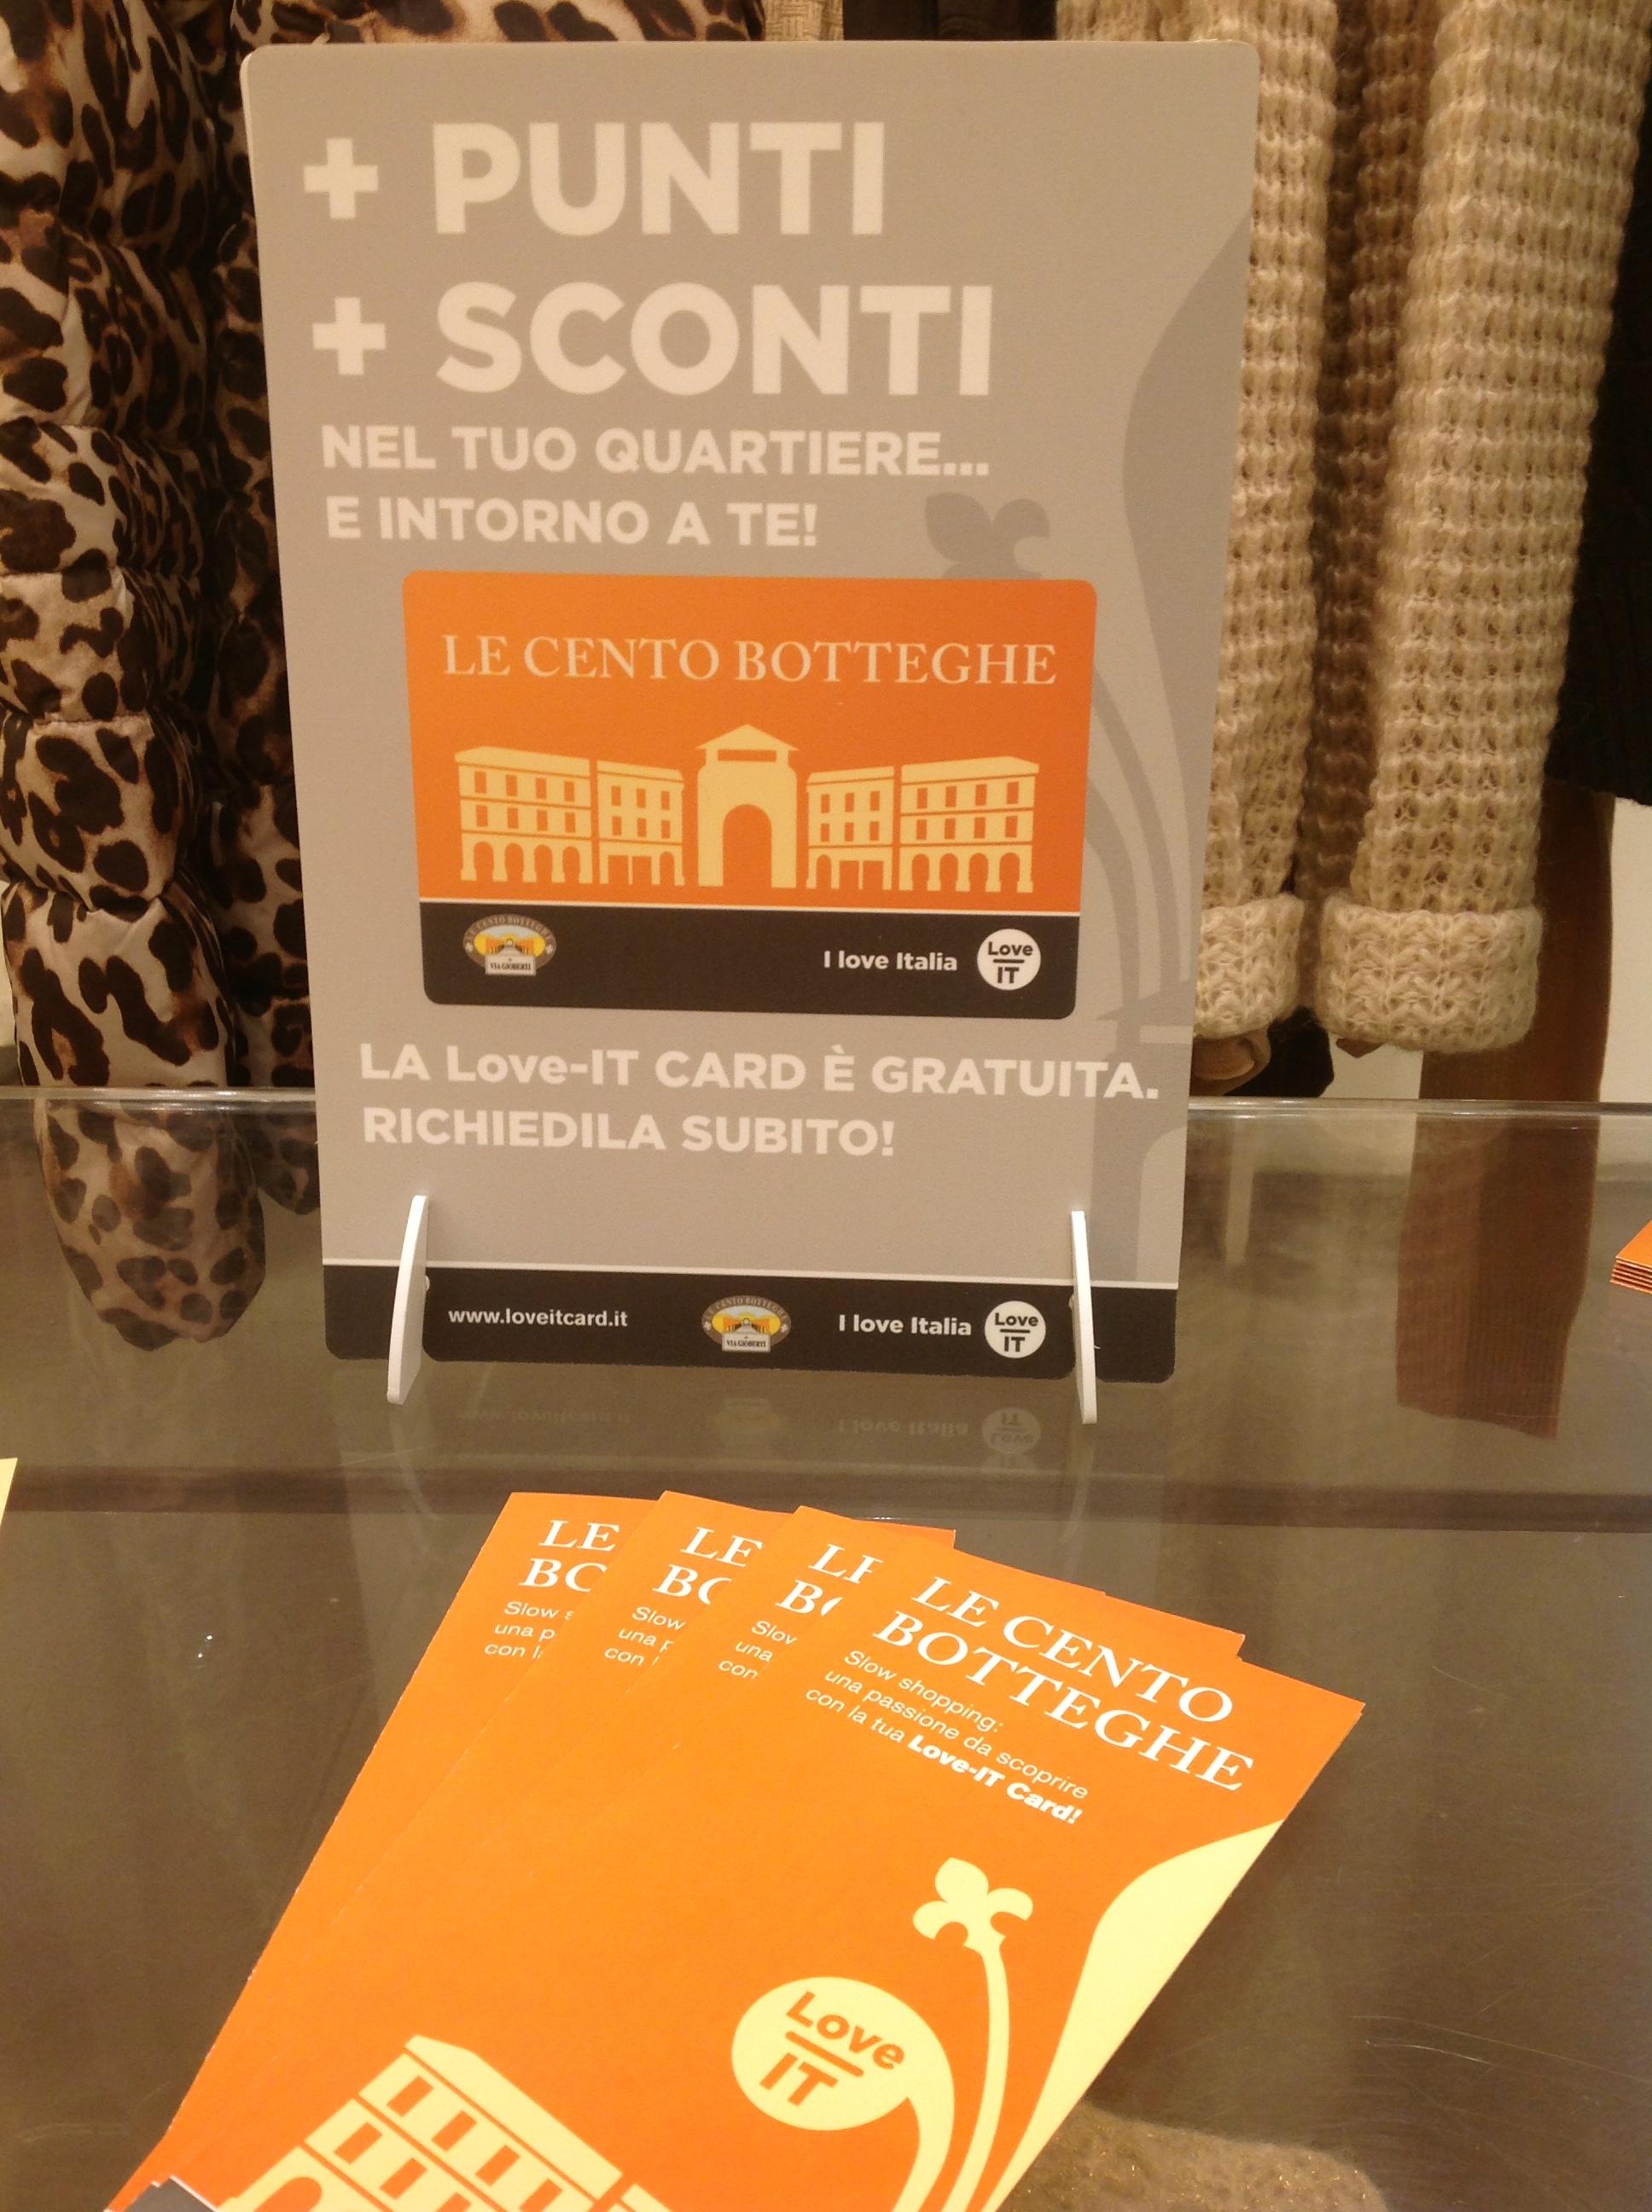 Pennyblack Firenze Via Gioberti Le cento botteghe Love IT I love Italia